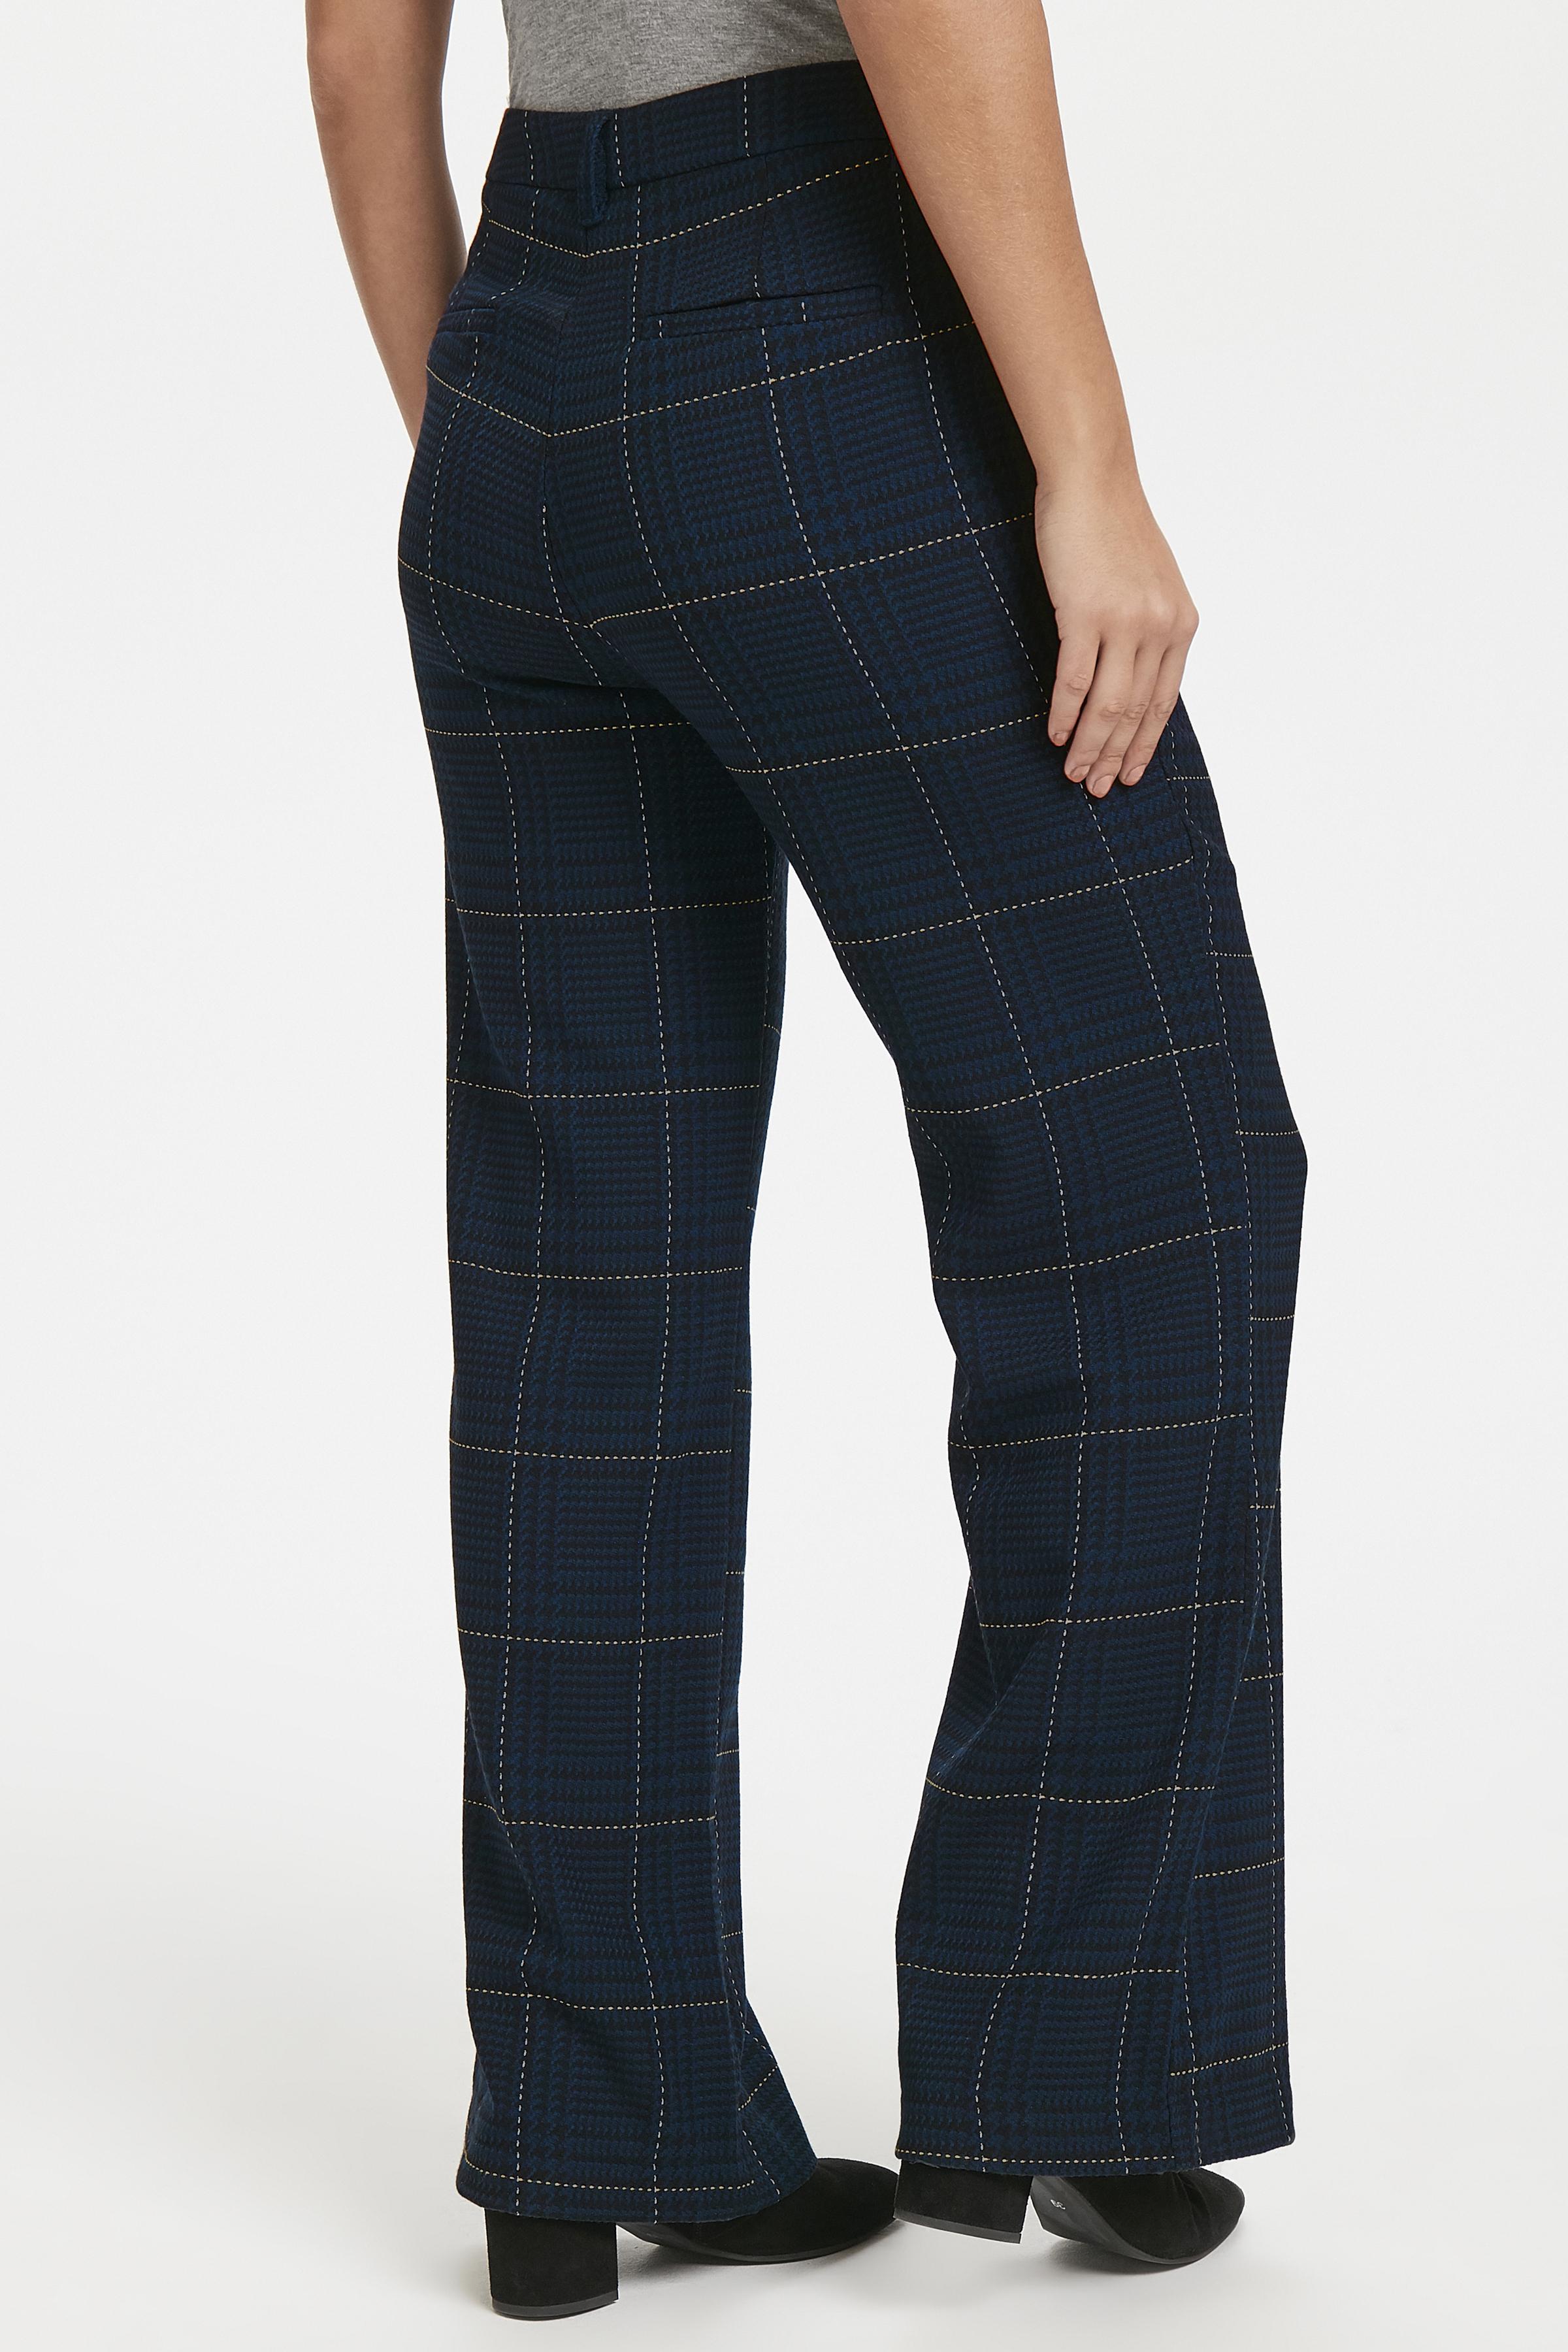 Marineblå Casual bukser fra Pulz Jeans – Køb Marineblå Casual bukser fra str. 32-46 her